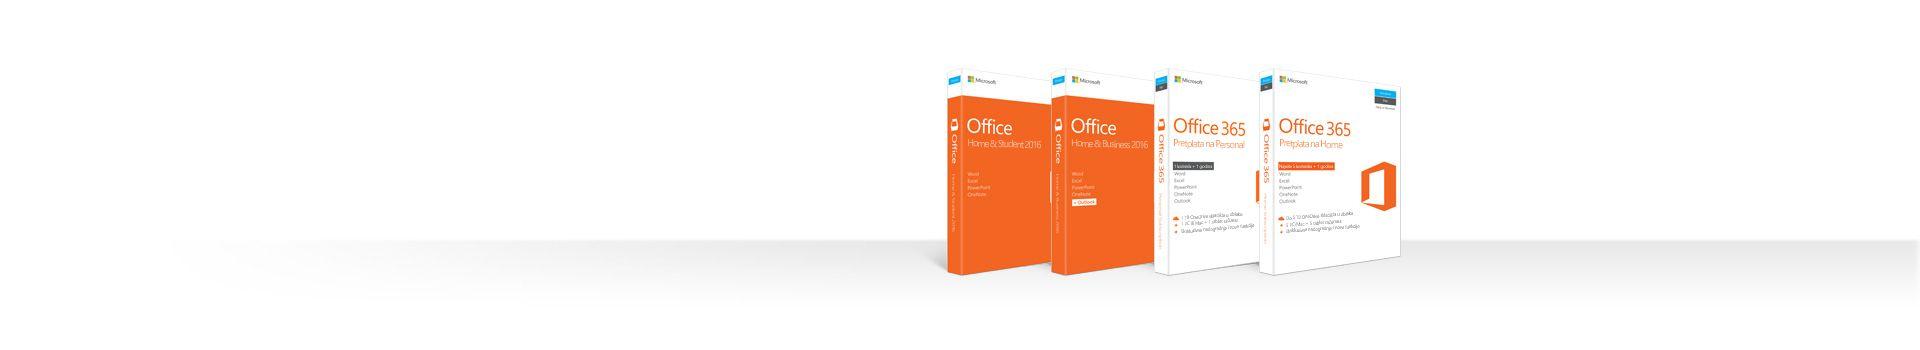 Red polja koja predstavljaju pretplatu na Office i samostalne proizvode za Mac